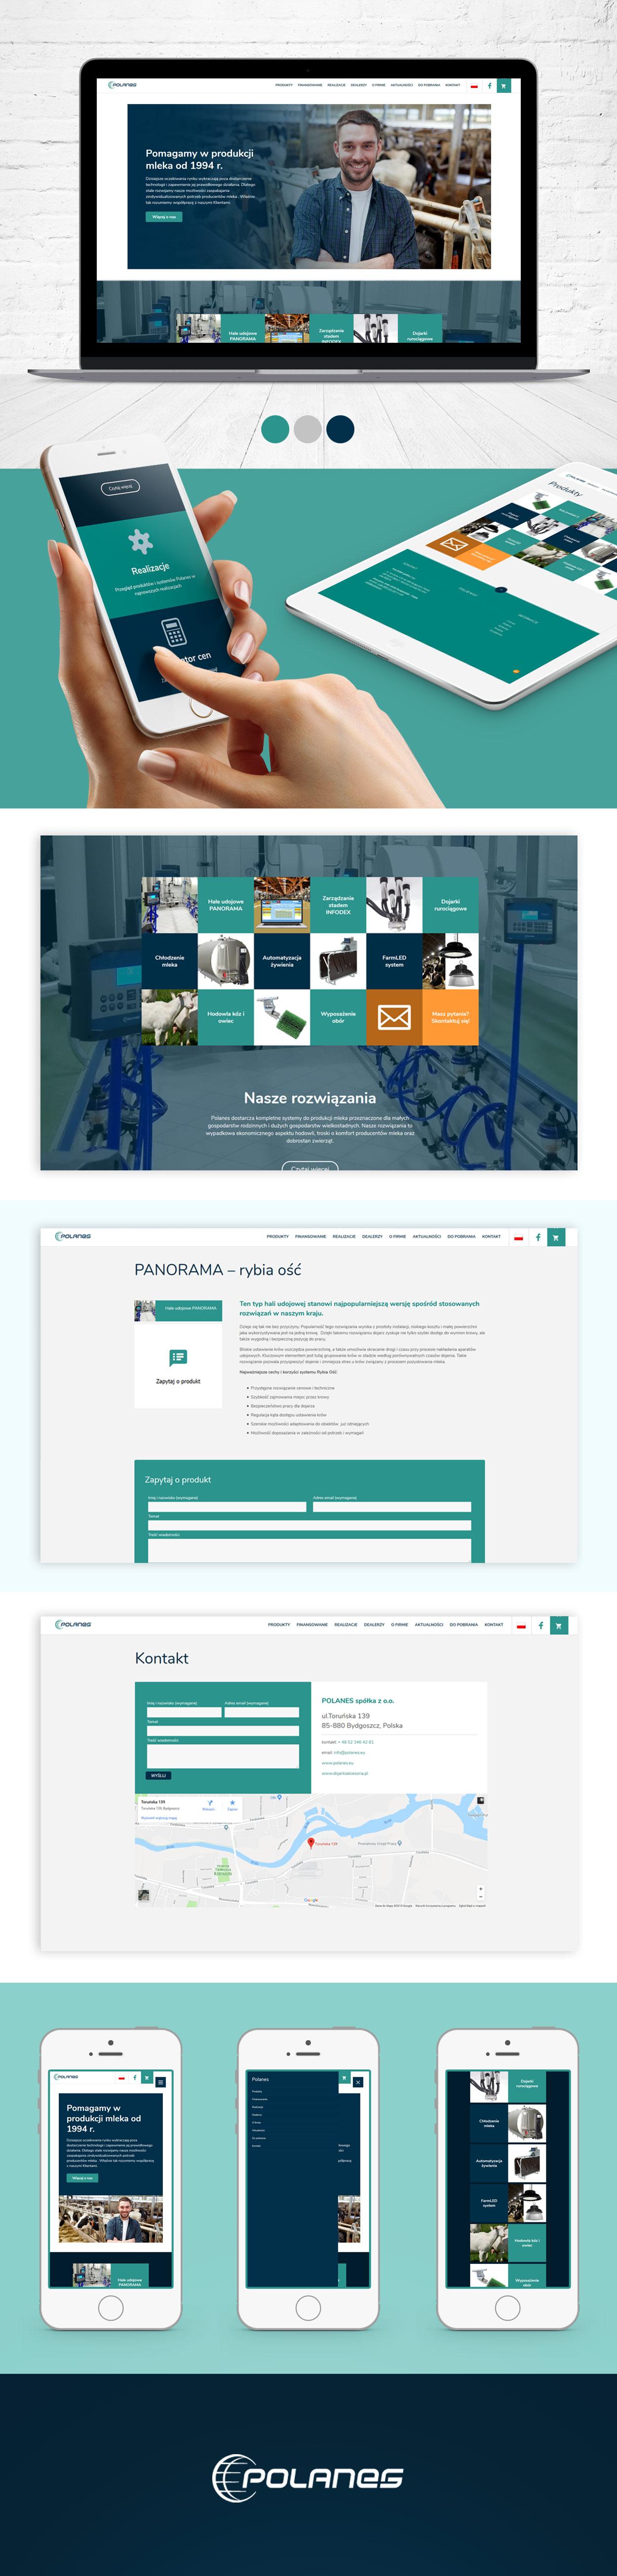 strona-www-katalog-maszyny-udojowe